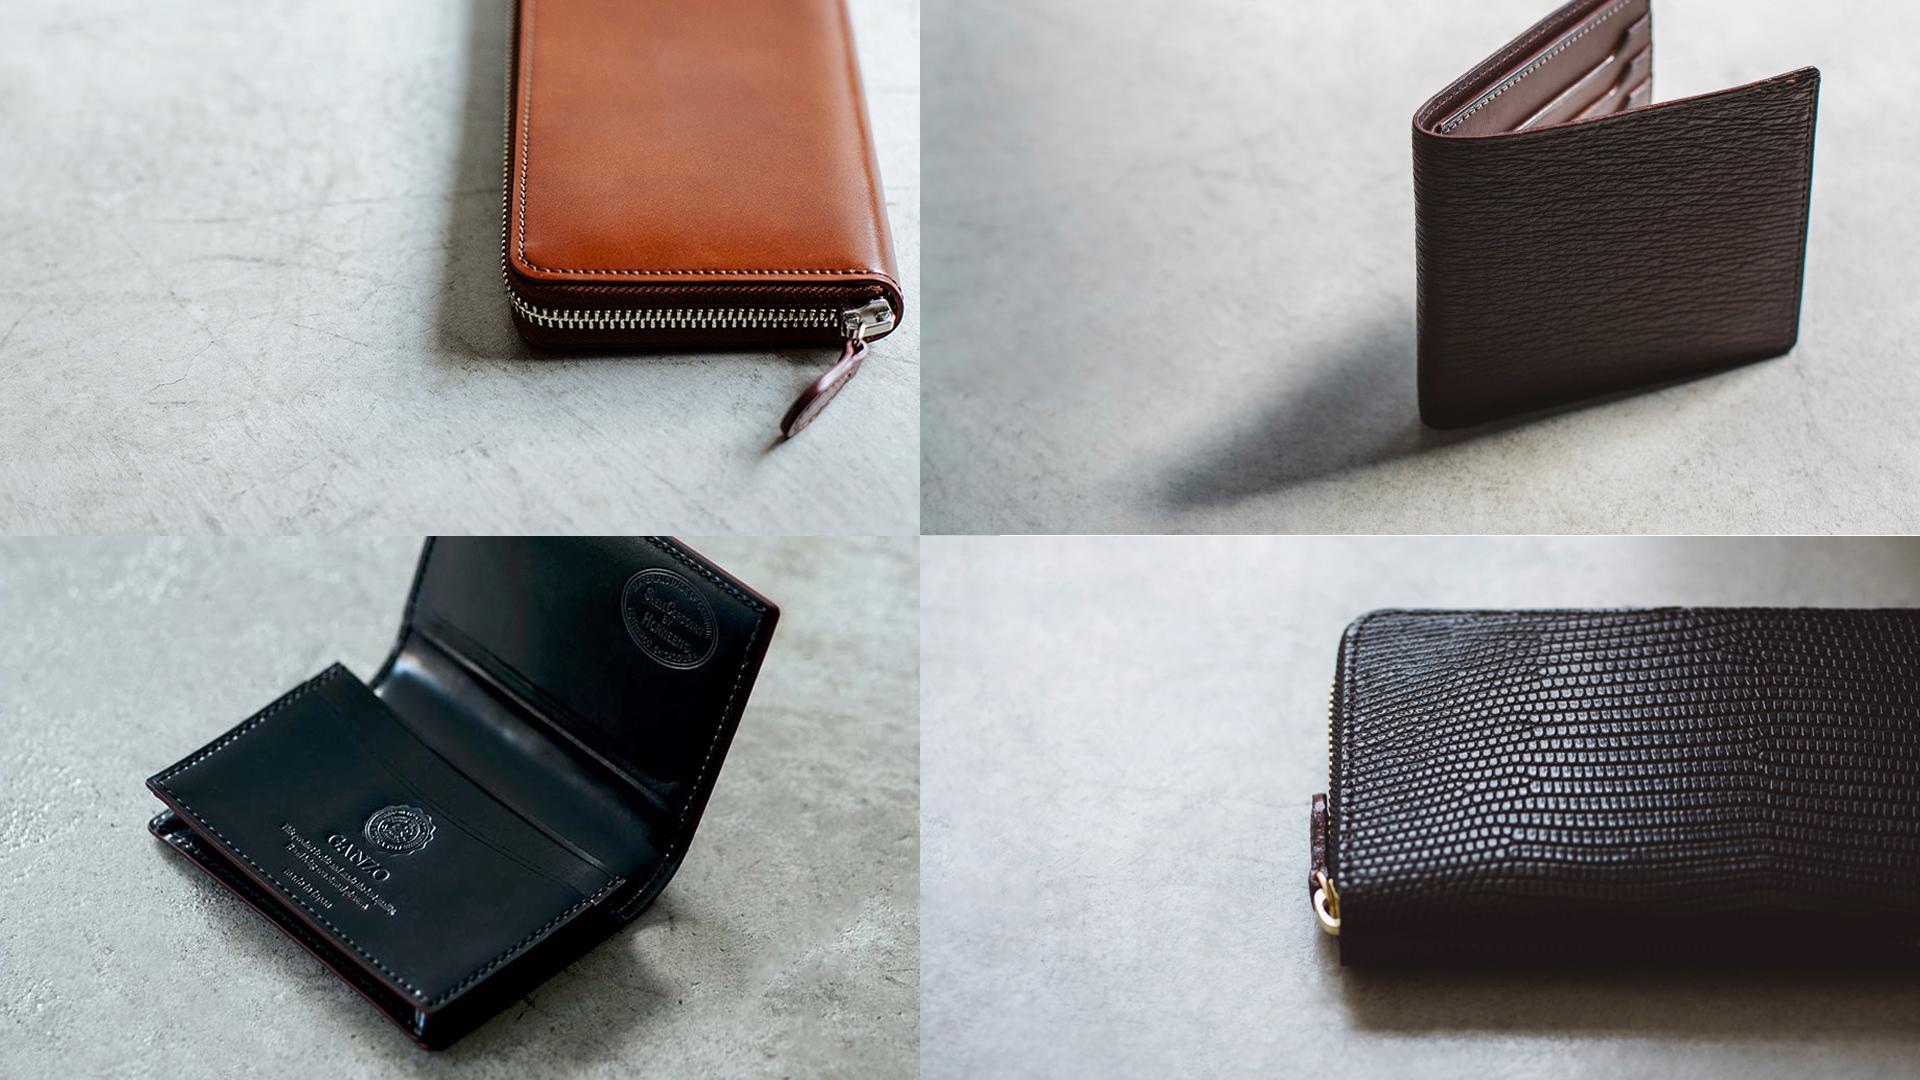 【GANZO特集】財布の評判はどうなの?国産最強の理由がここにあります